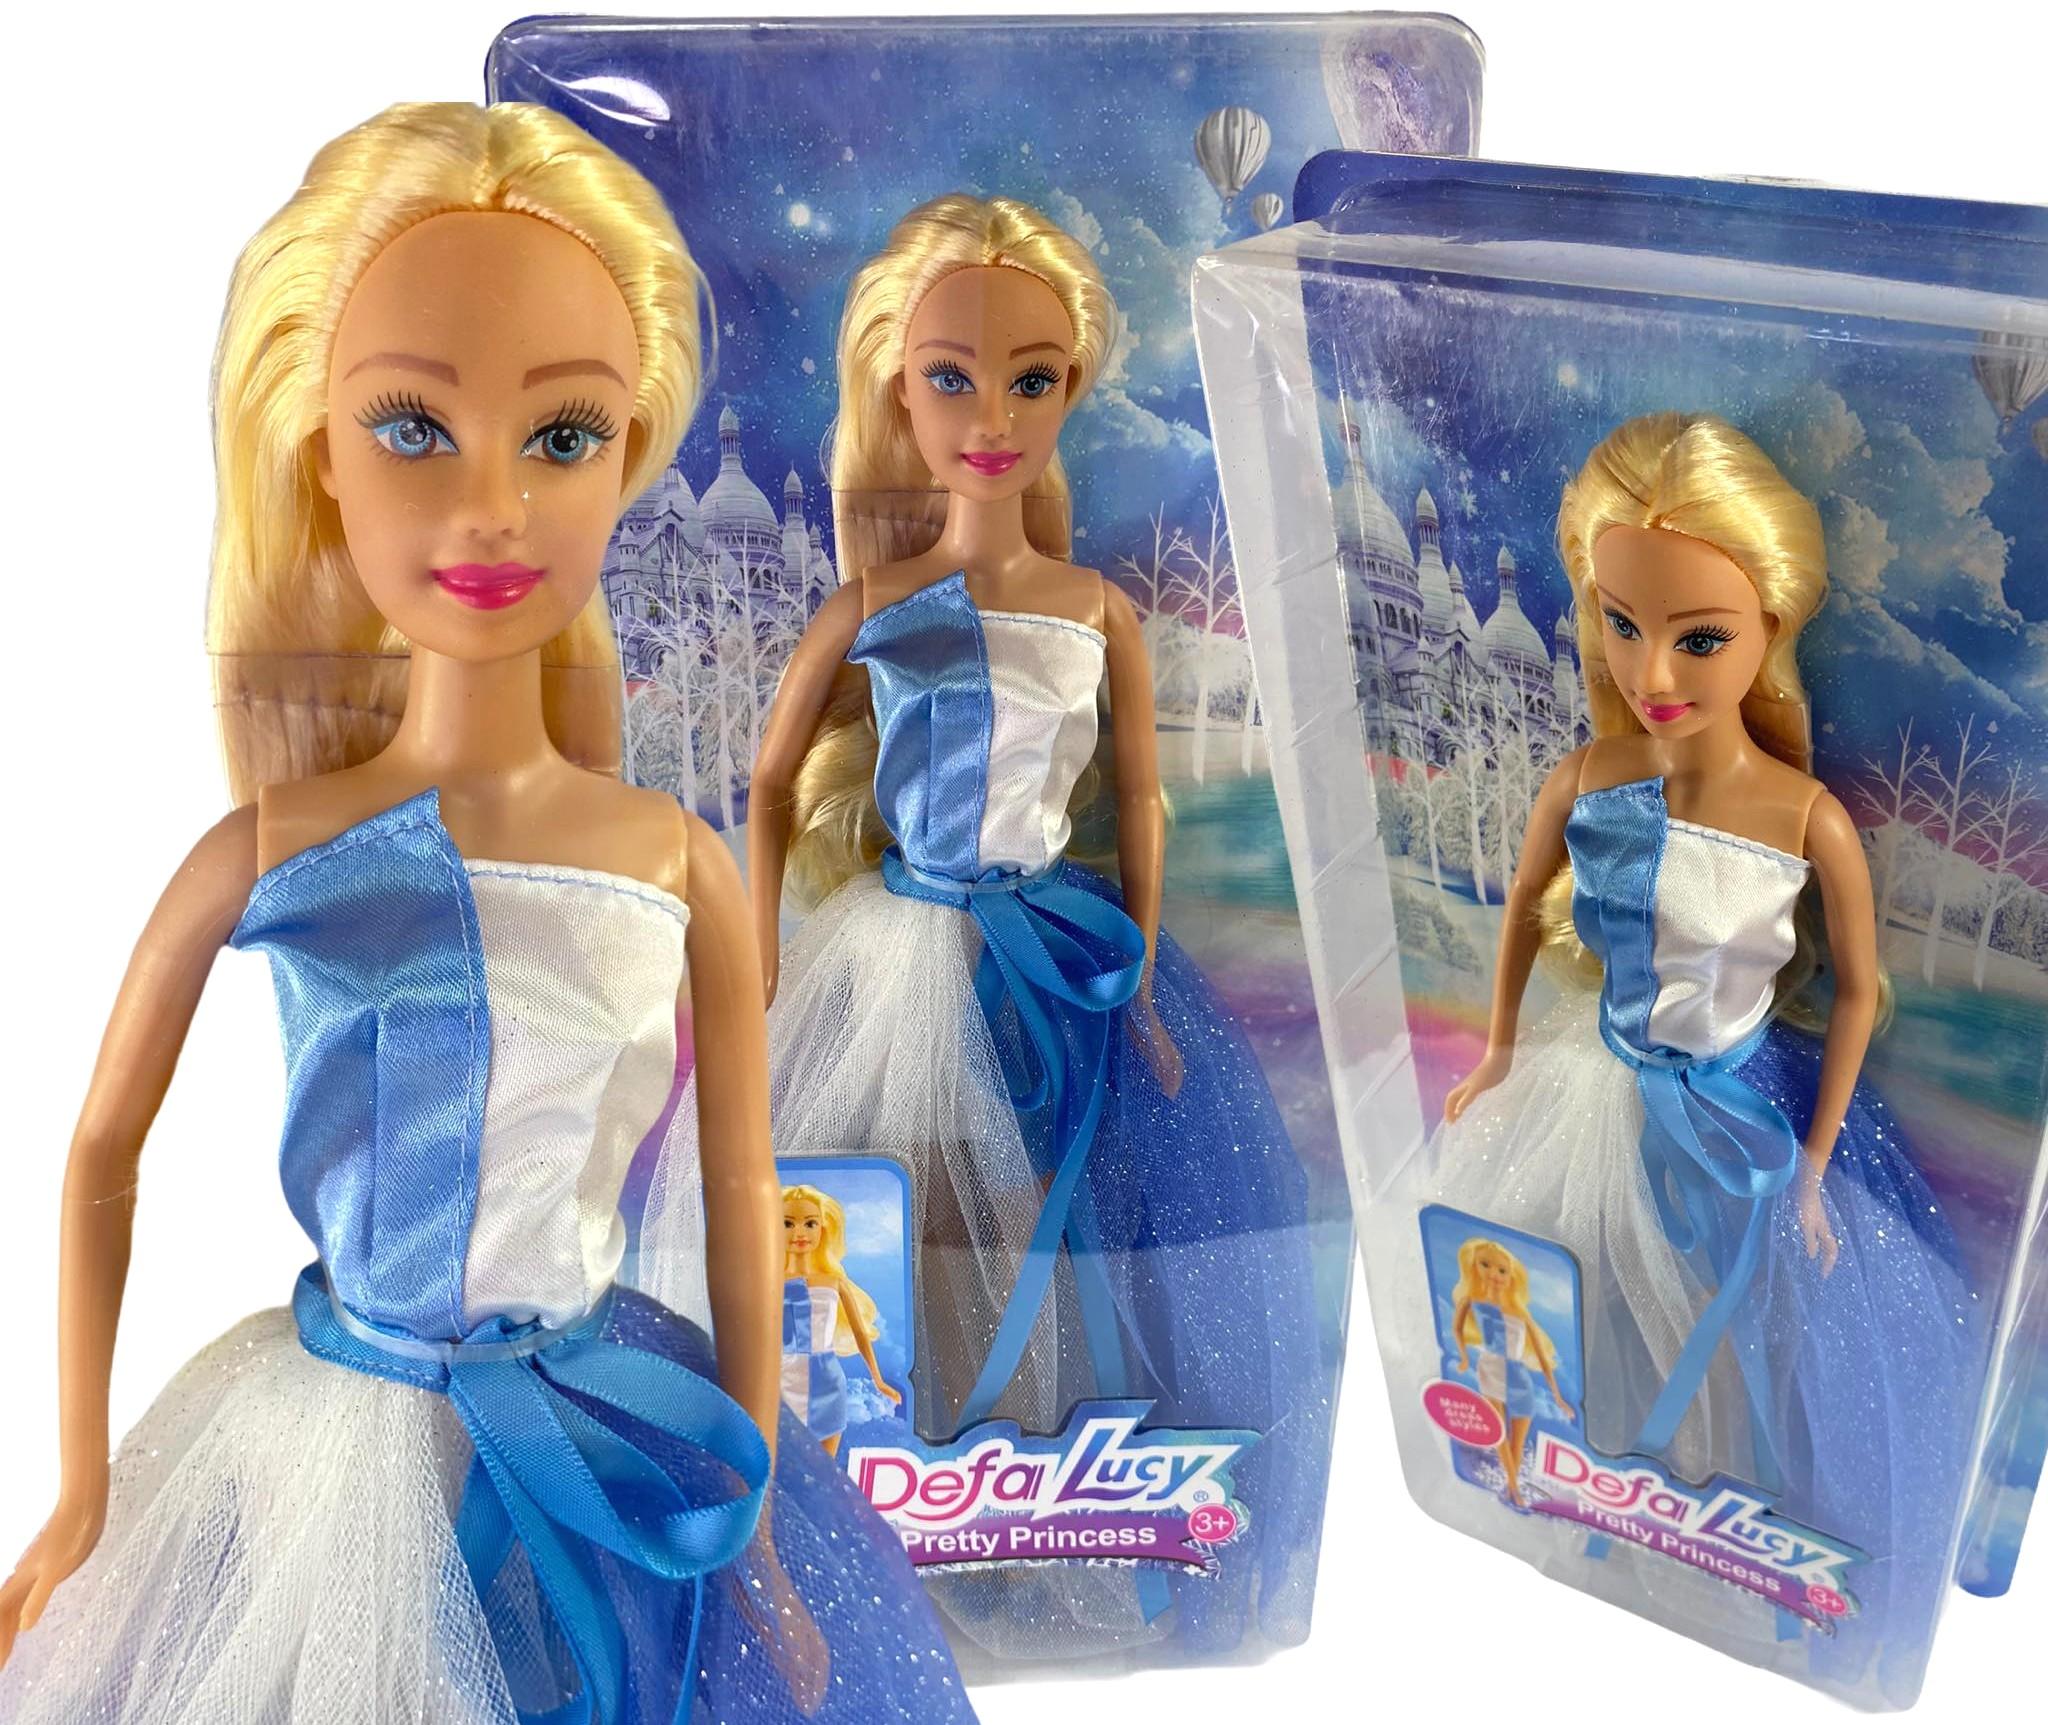 Lalka Defa Lucy Barbie balowa suknia księżniczka